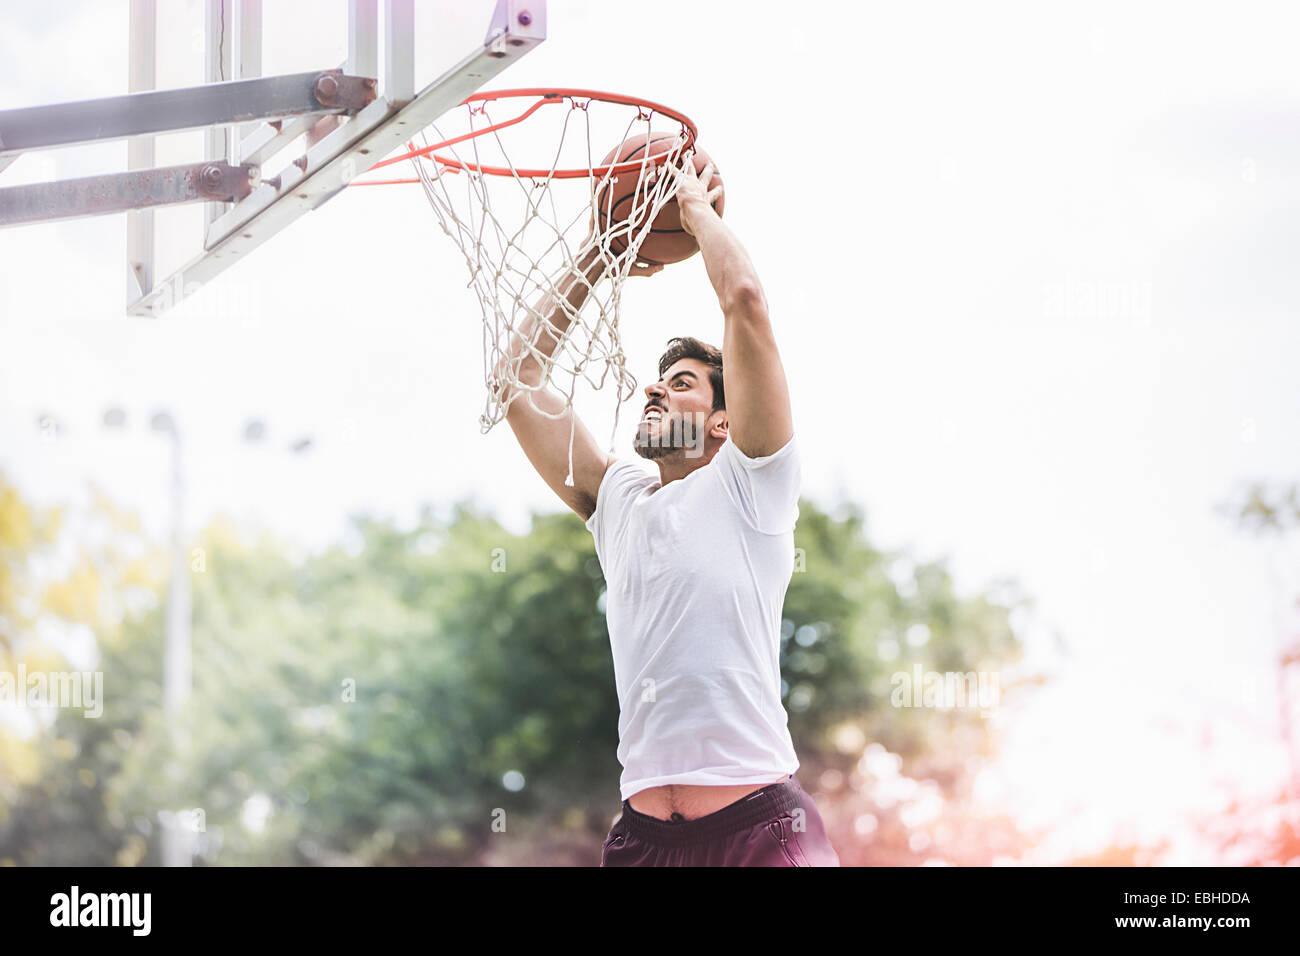 Maschio giovane giocatore di basket jumping con palla al cliente Immagini Stock